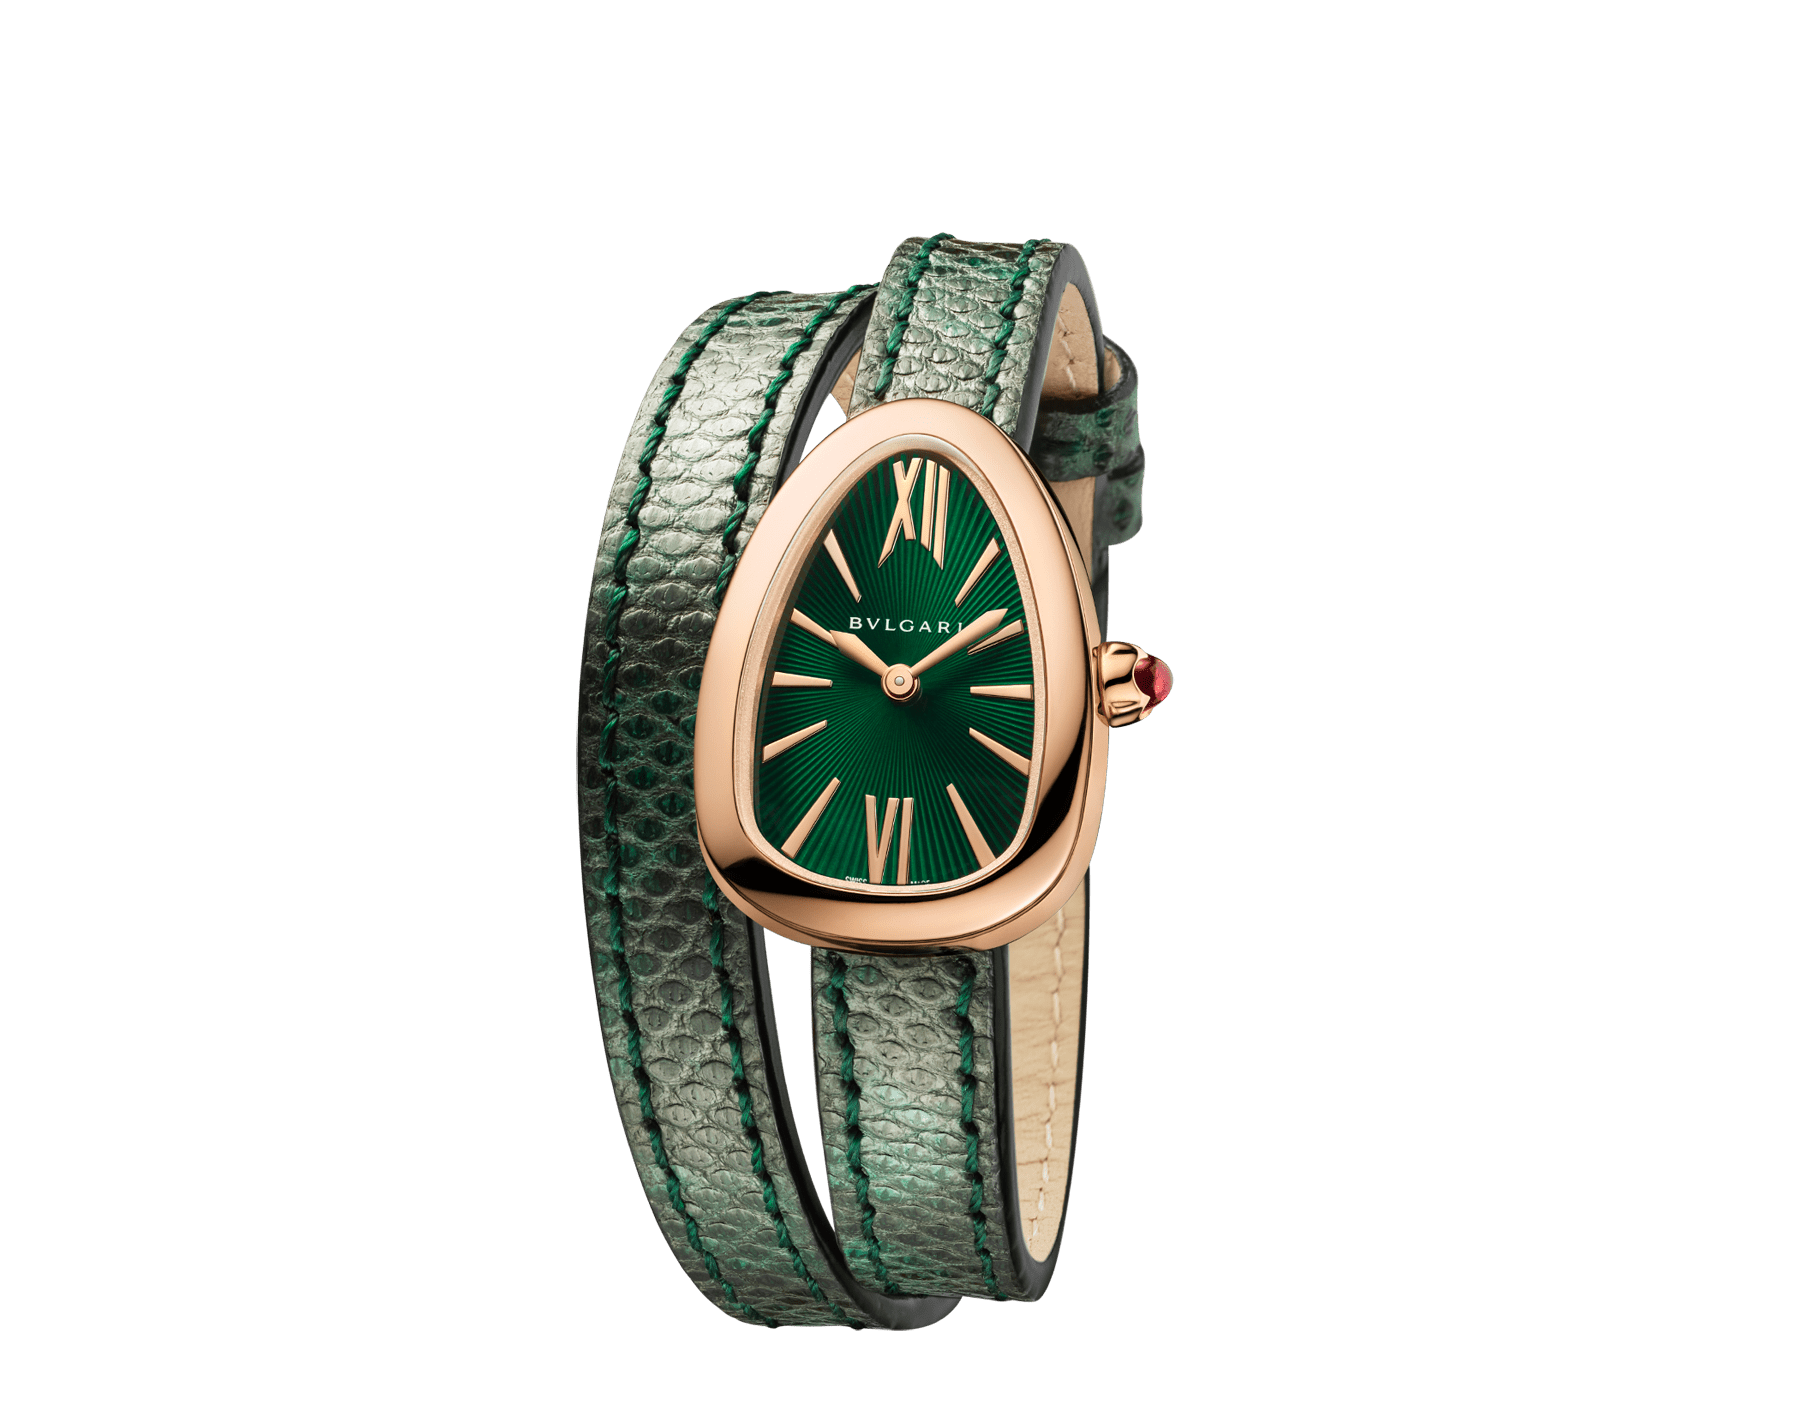 Relógio Serpenti com caixa em ouro rosa 18K, mostrador laqueado verde e pulseira de duas voltas intercambiável em couro karung verde. 102726 image 2